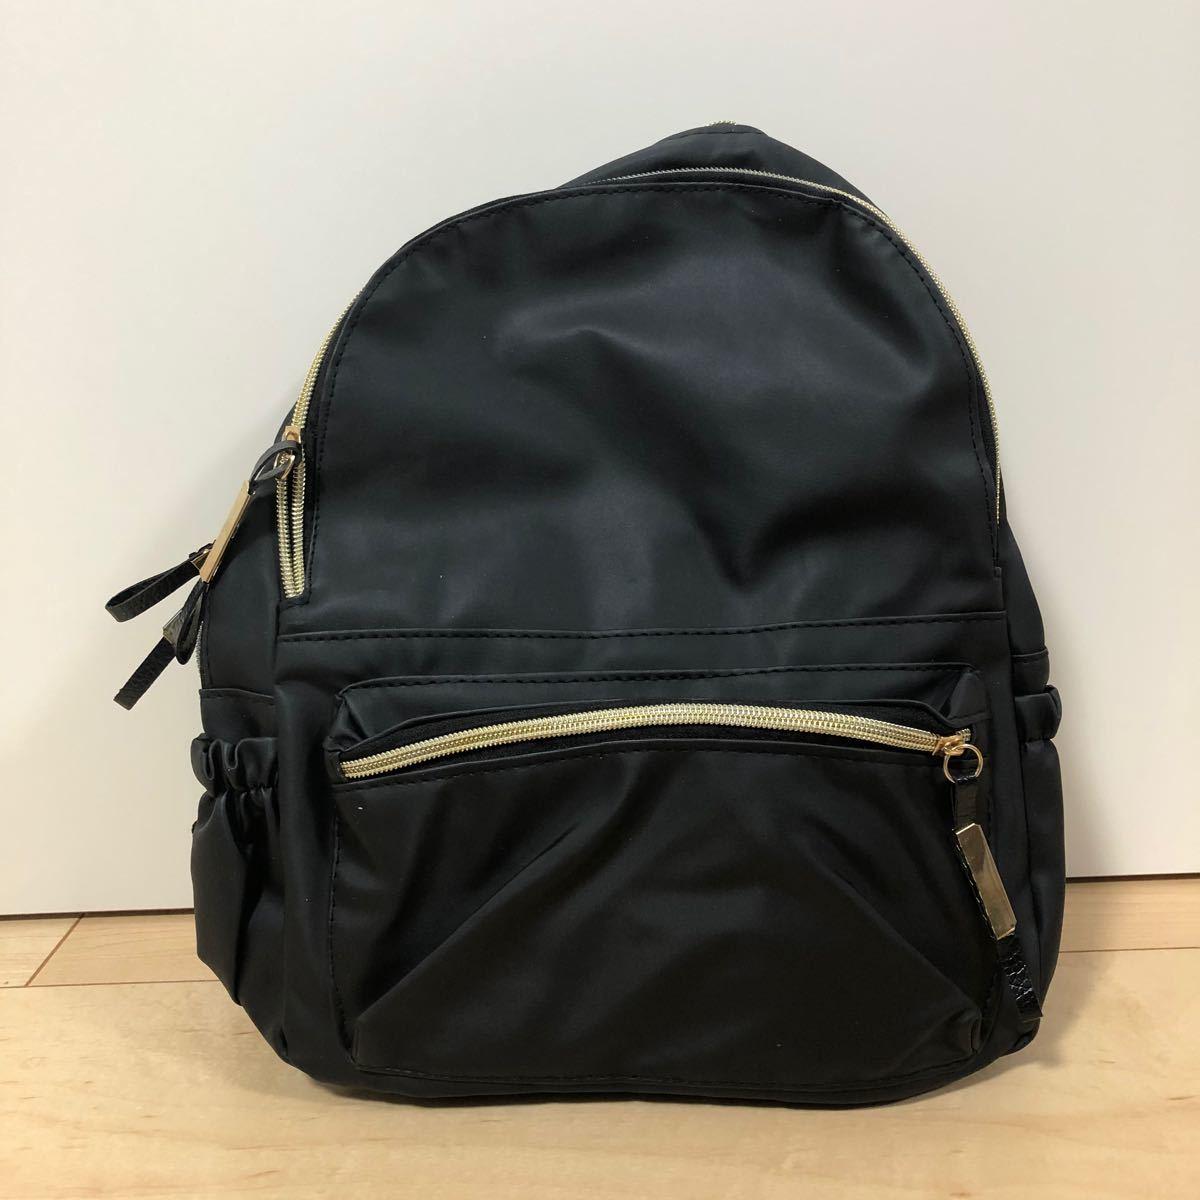 マザーズバッグ リュック 黒 大容量 シンプル 通学 通勤 韓国 防水 軽量 ゴールド 収納 A4サイズ レザー 高級感 新品